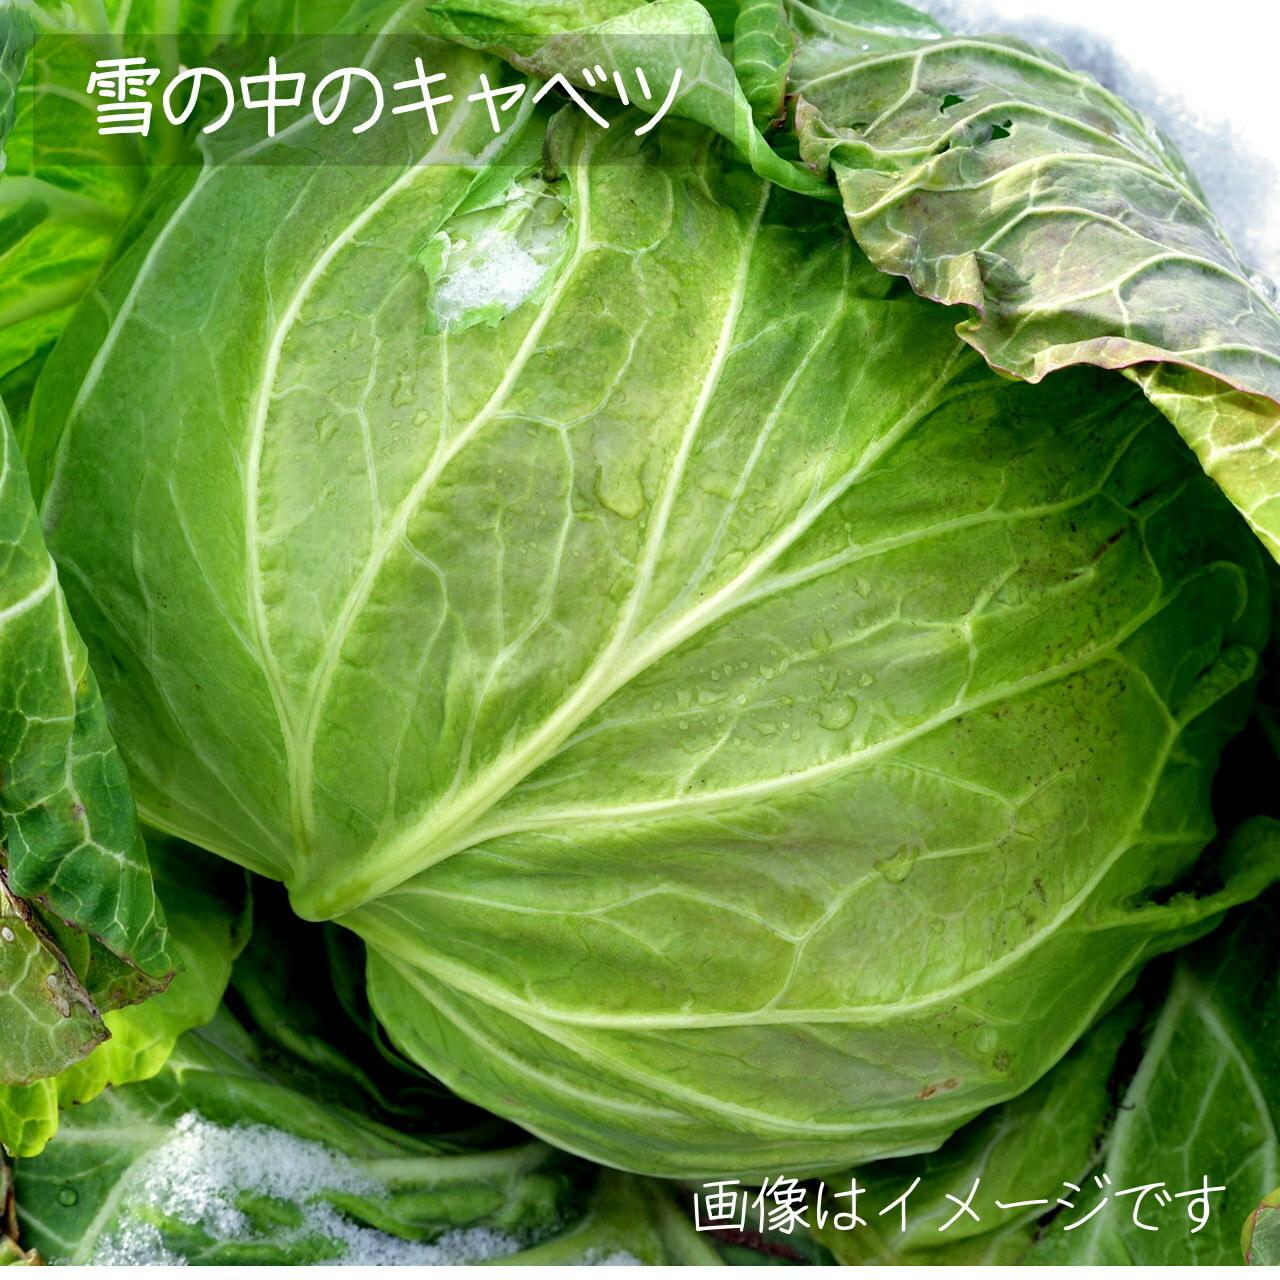 春の新鮮野菜 キャベツ 1個: 5月の朝採り直売野菜 5月30日発送予定